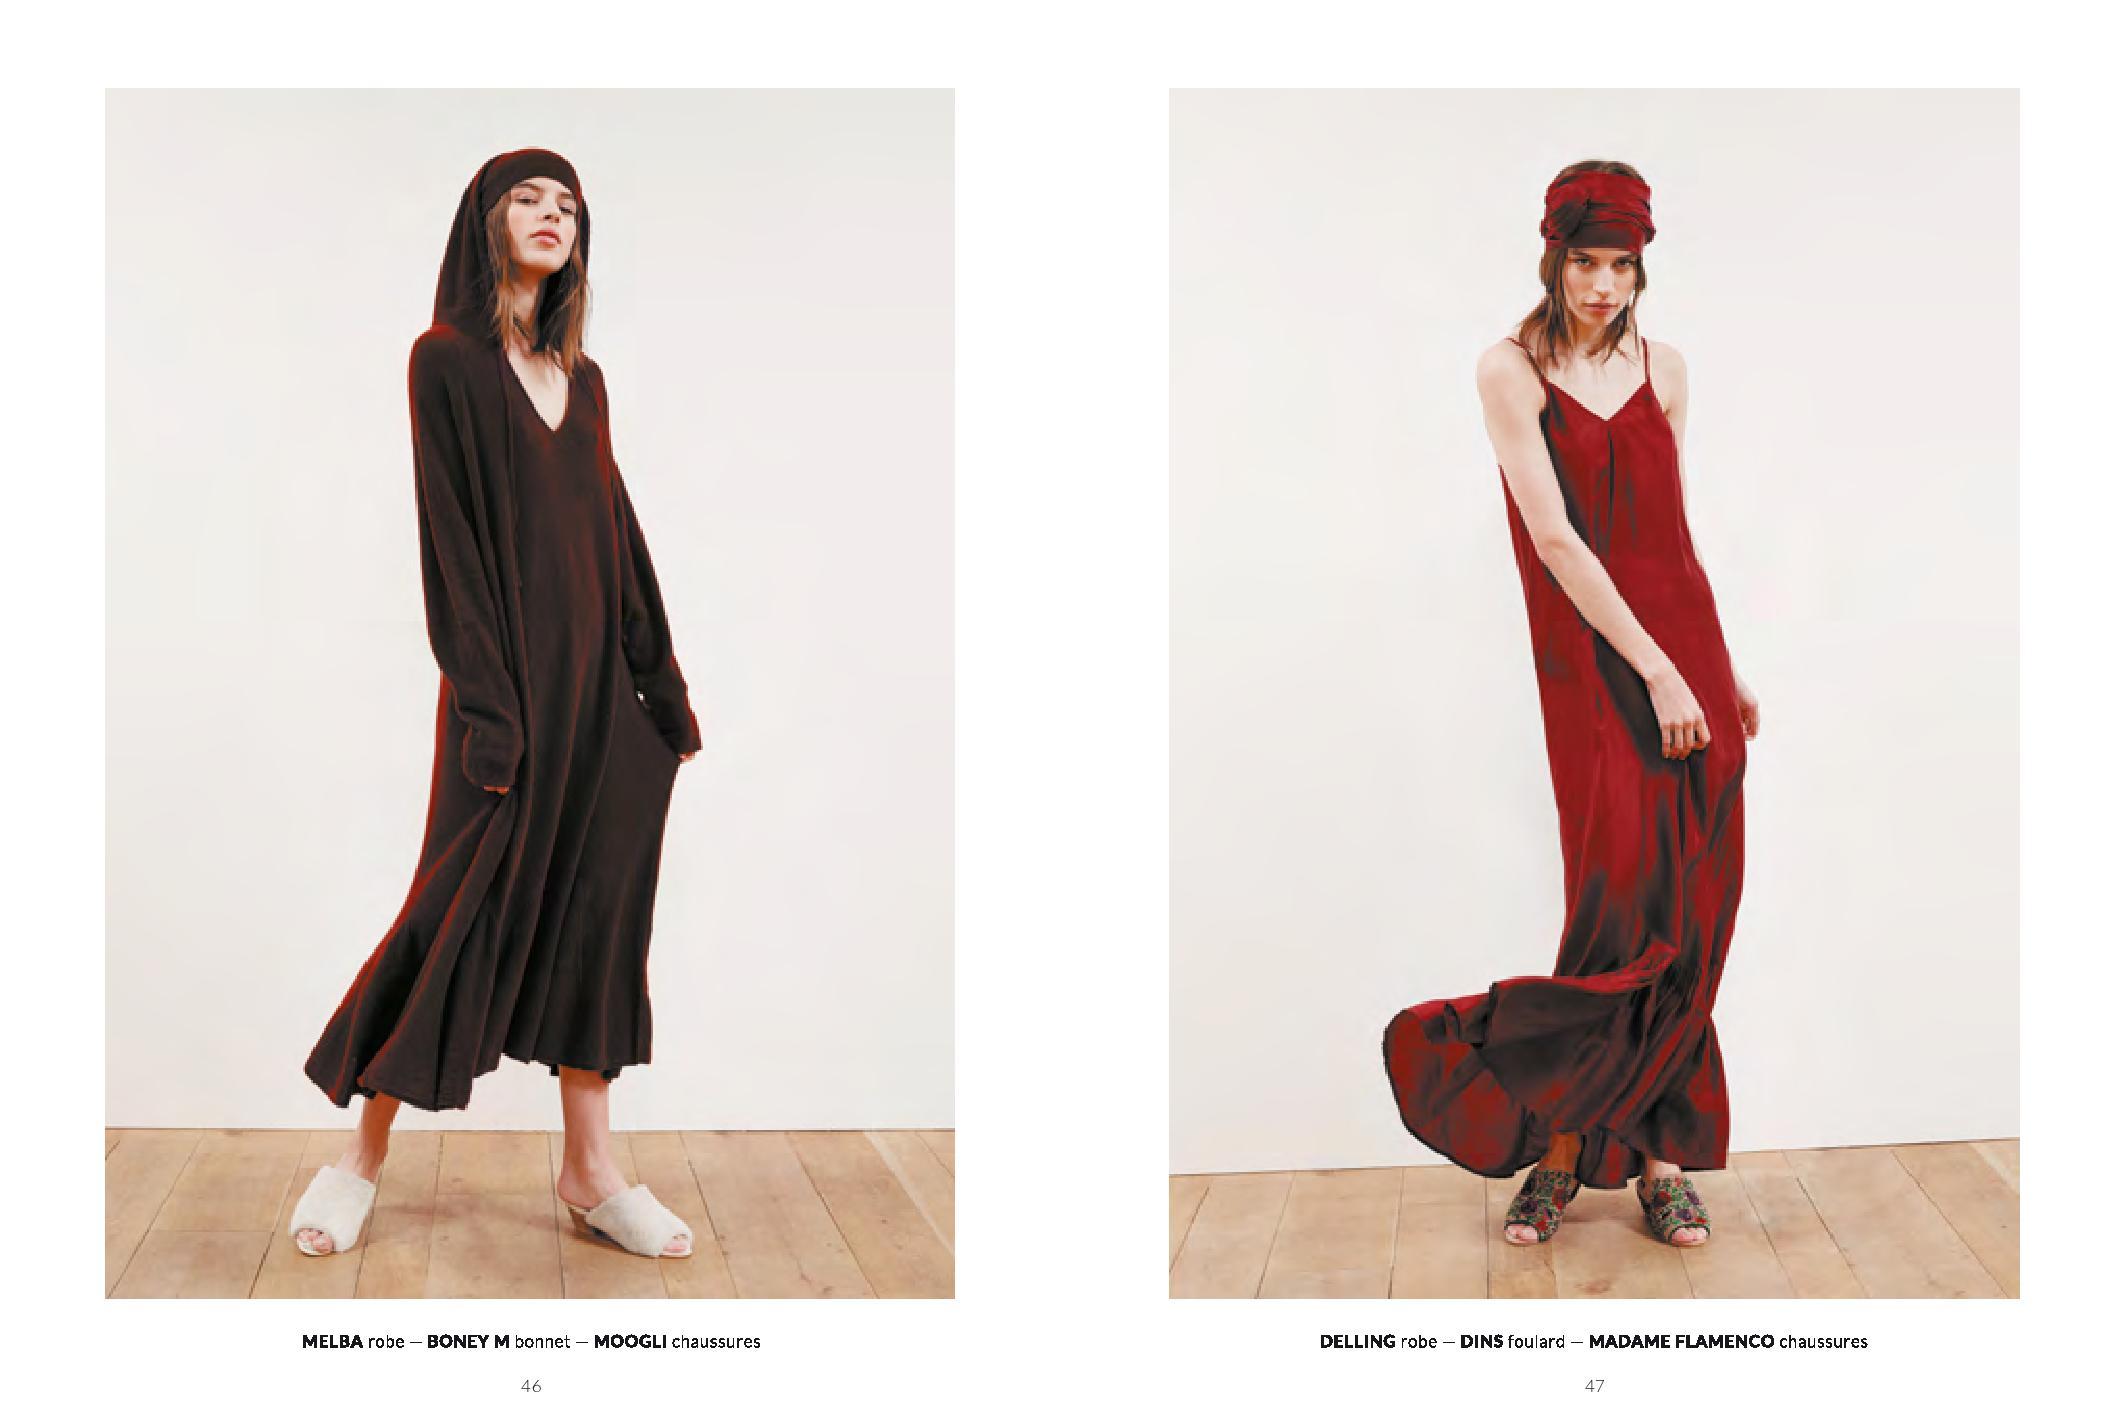 76_md_lookbook_mes_demoiselles_paris_web_dresscode-page-026.jpg